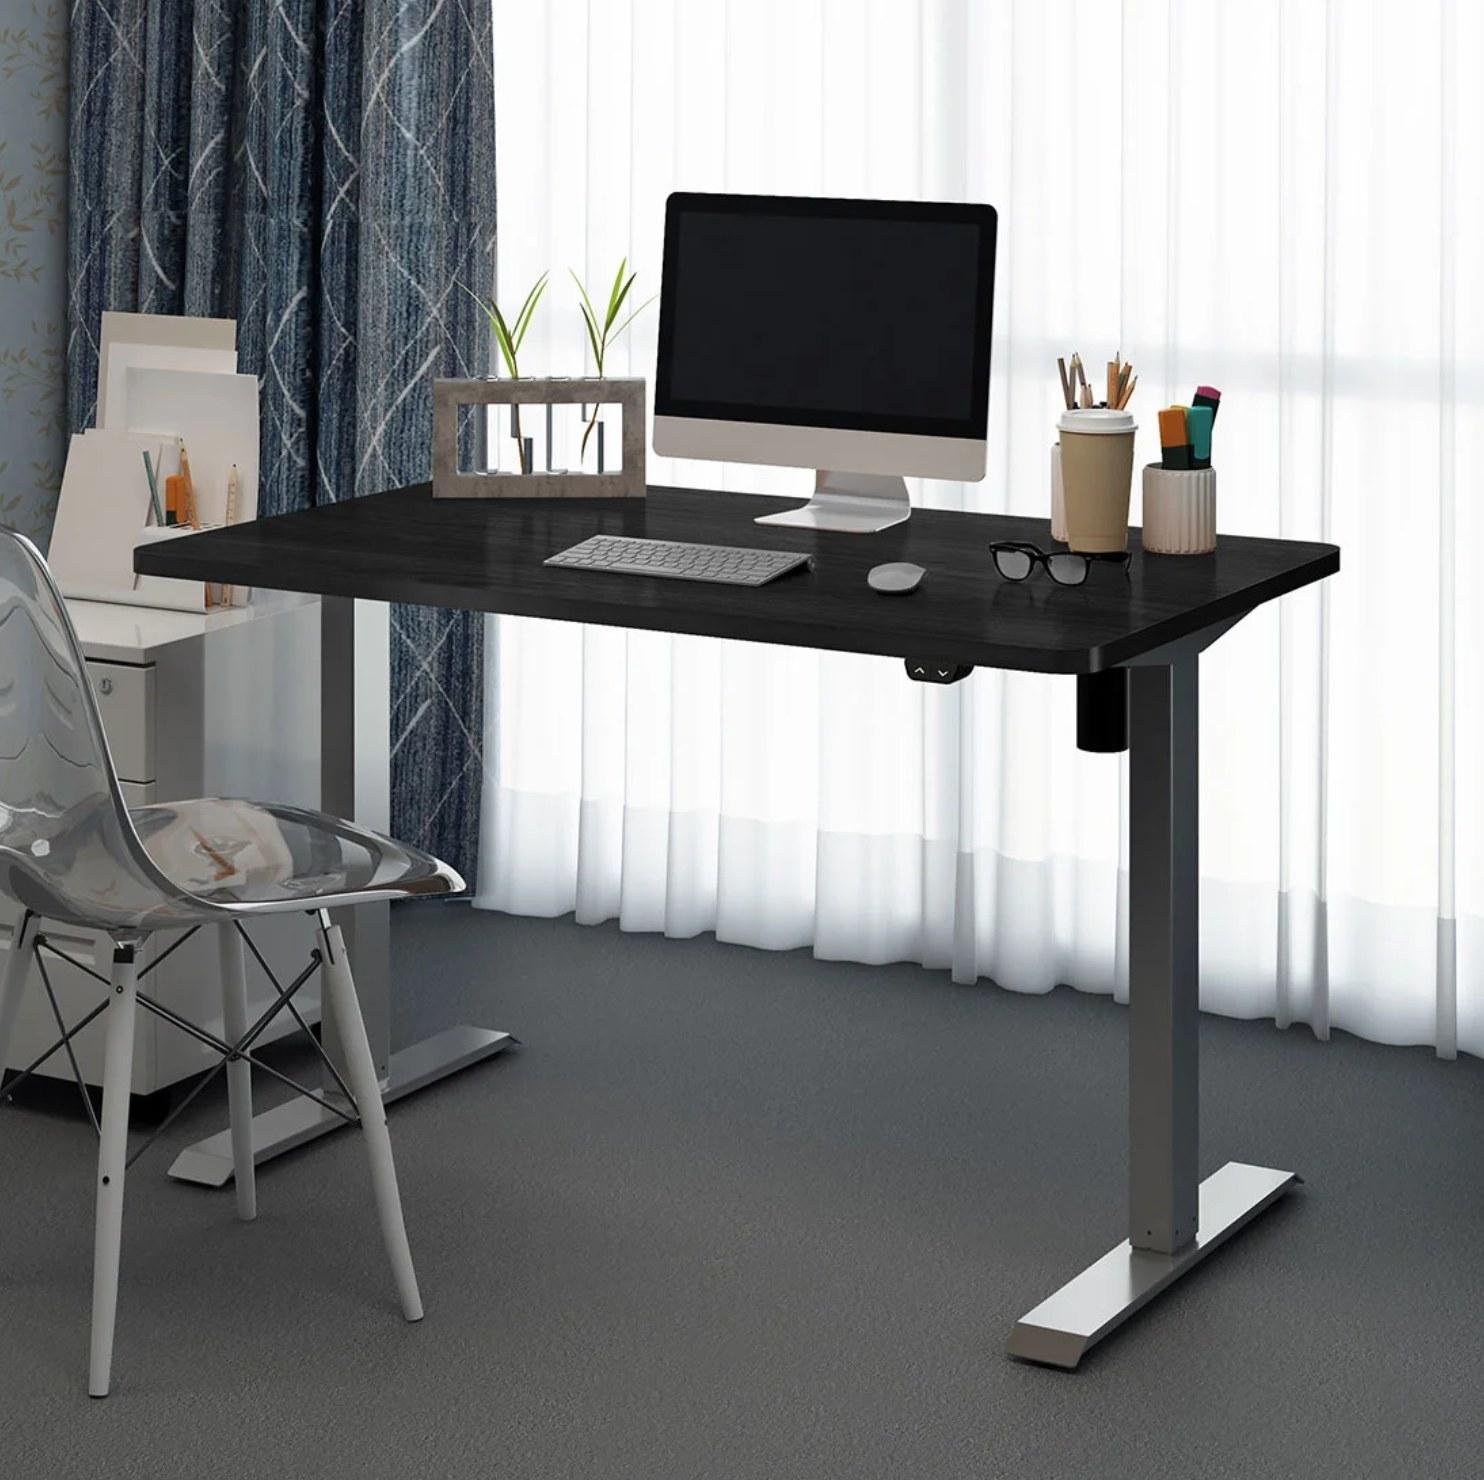 The desk in black/gray